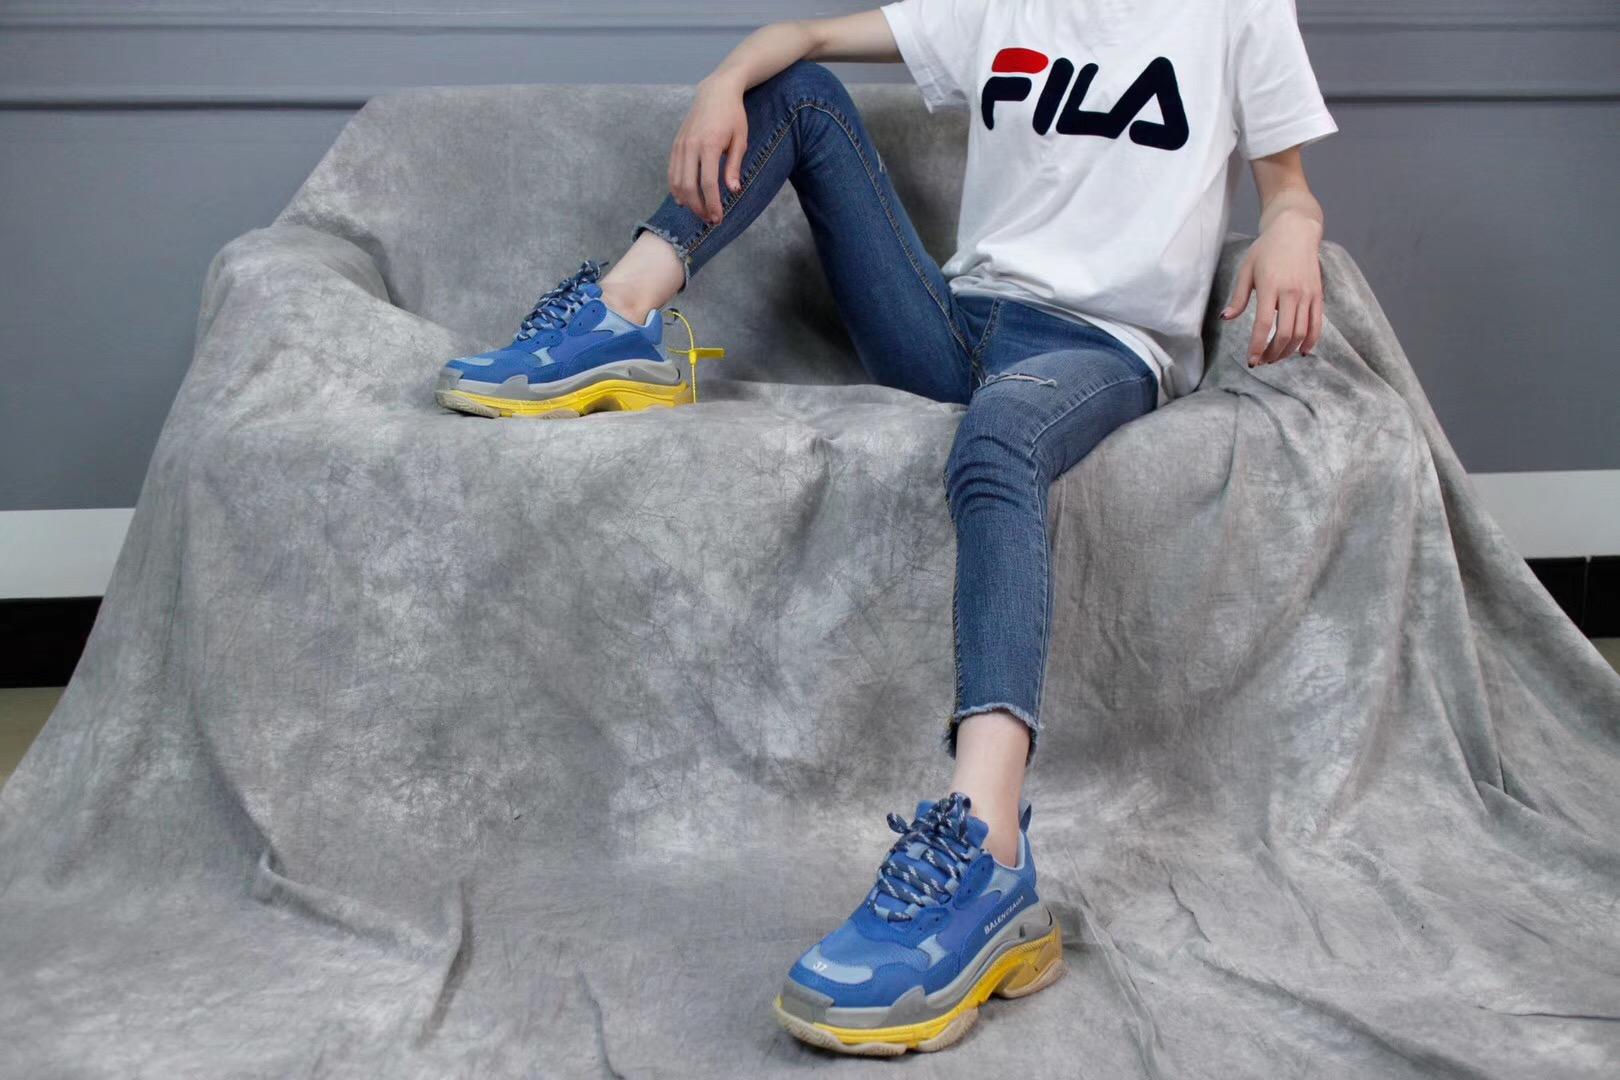 Giày Balenciaga Triple S màu xanh